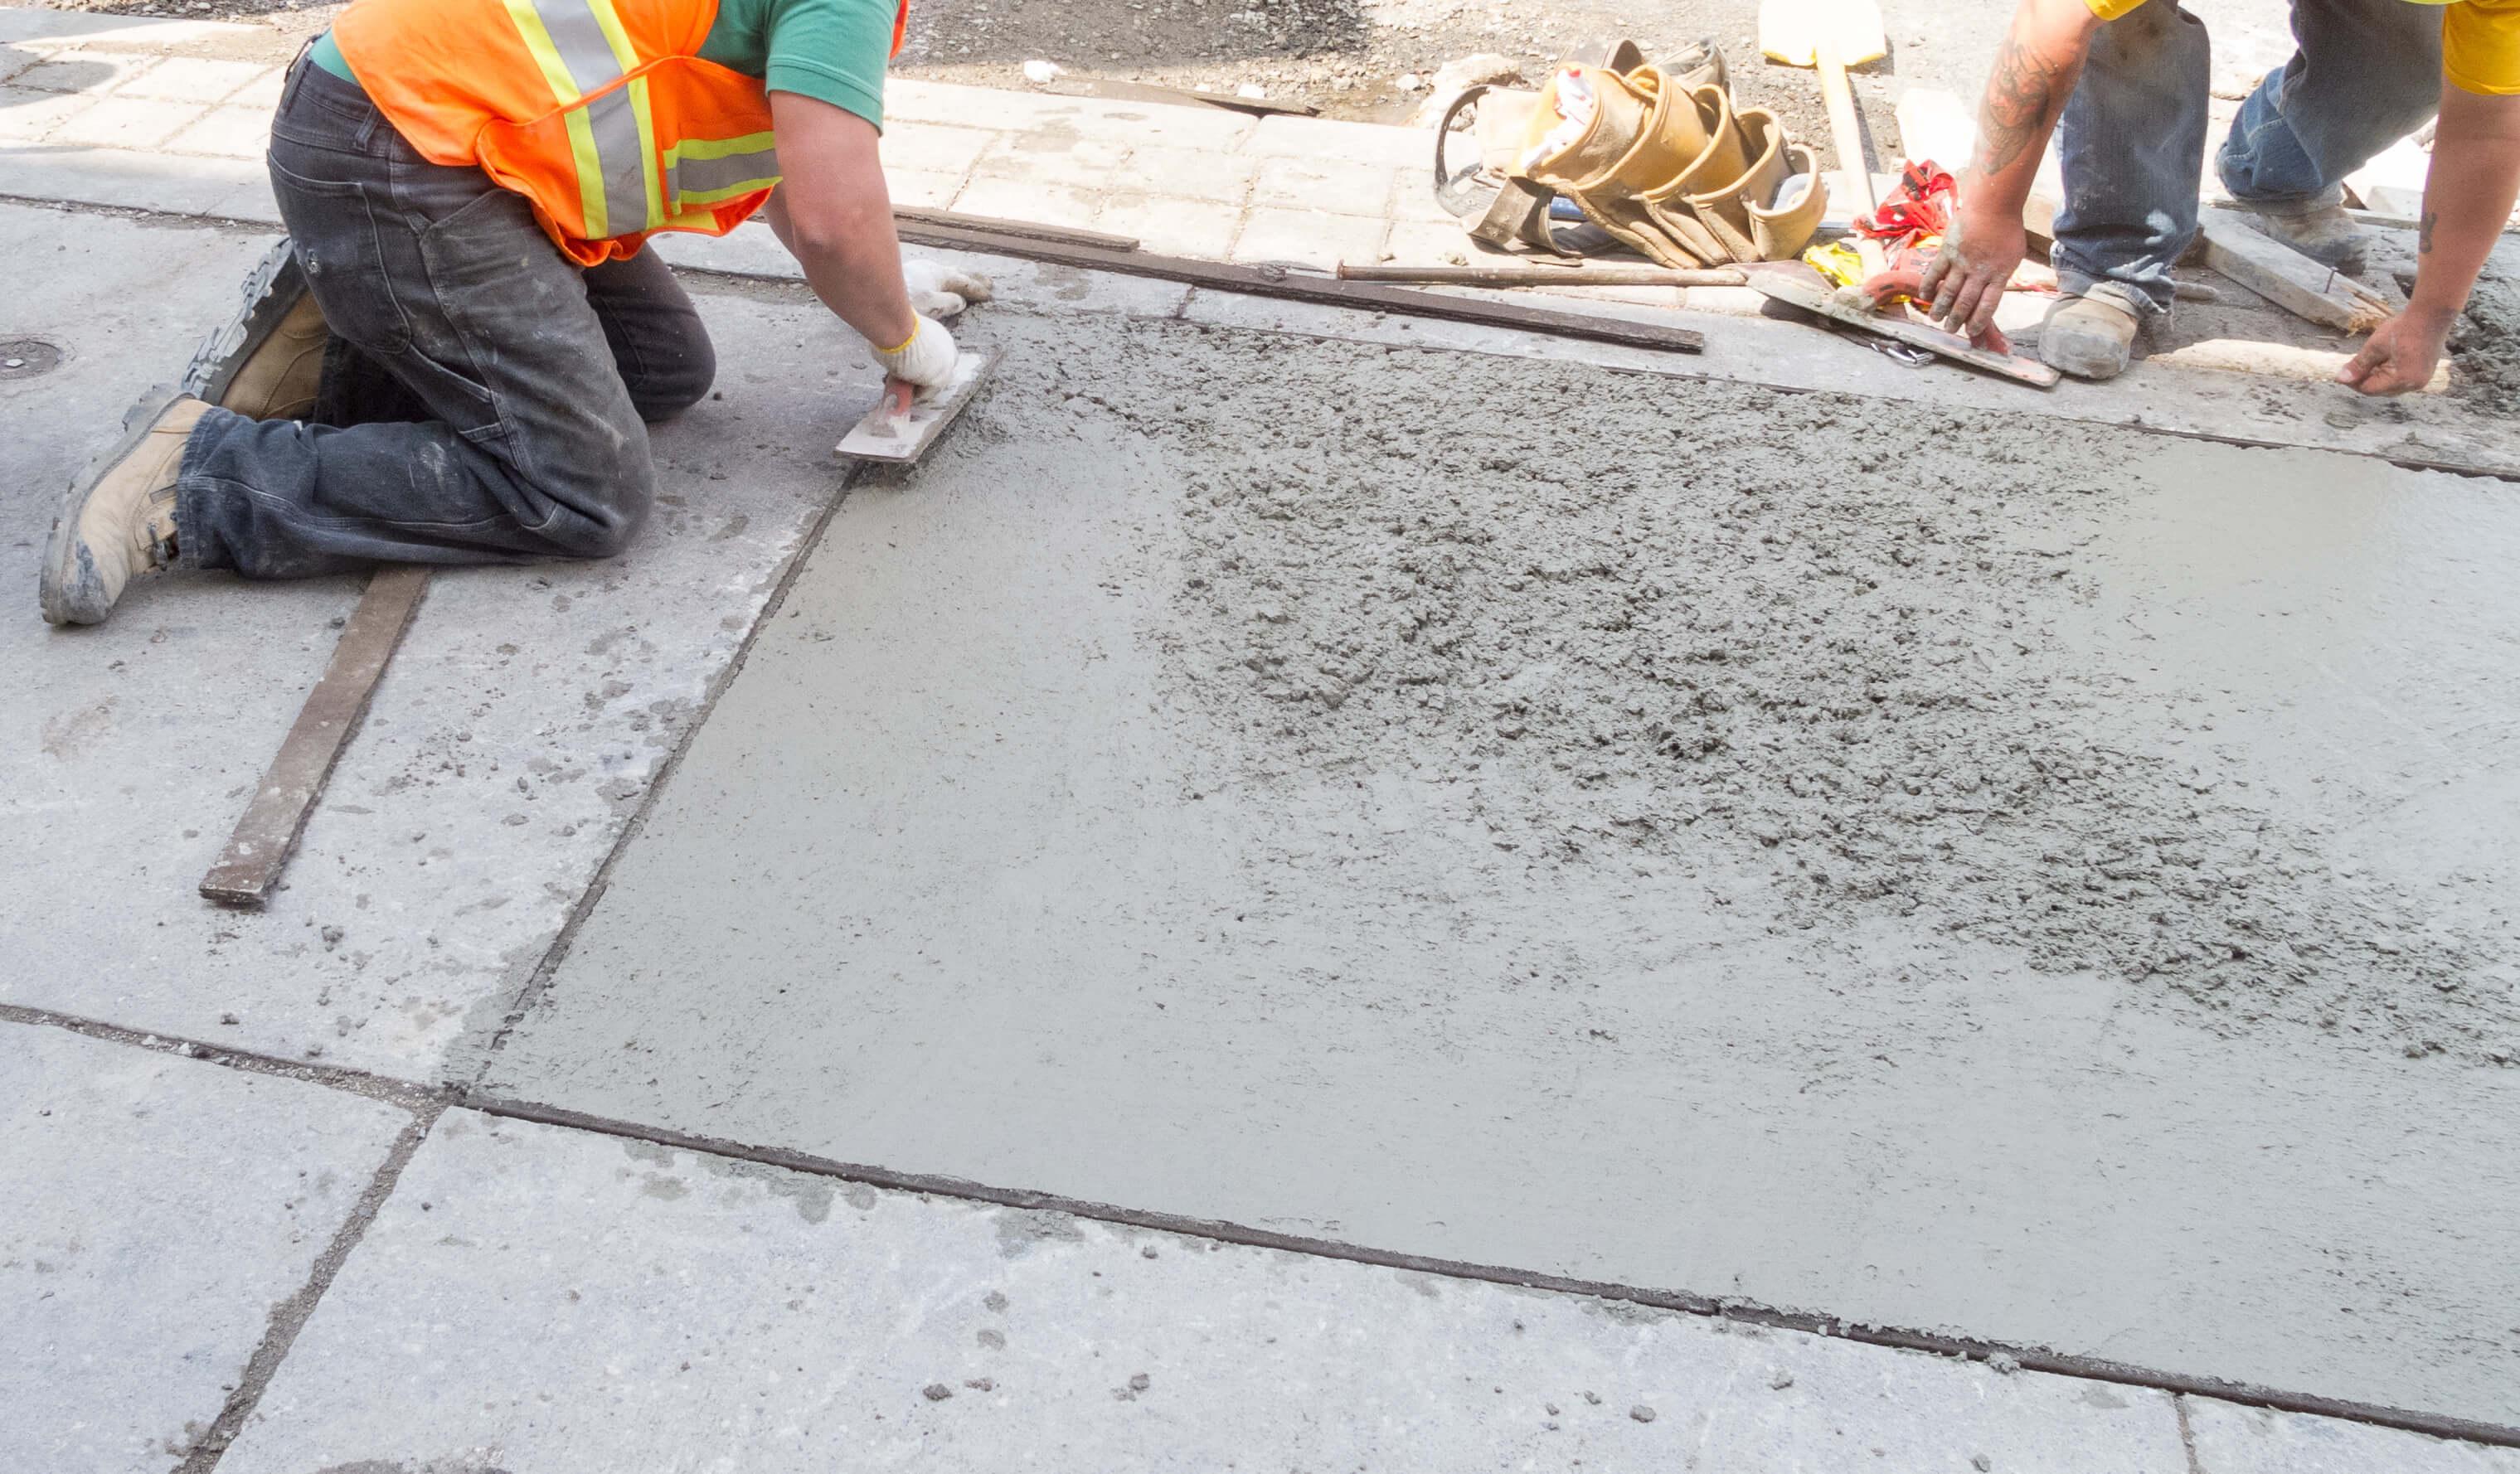 Bauarbeiter beim Geißen von Betonplatten für Gehwege